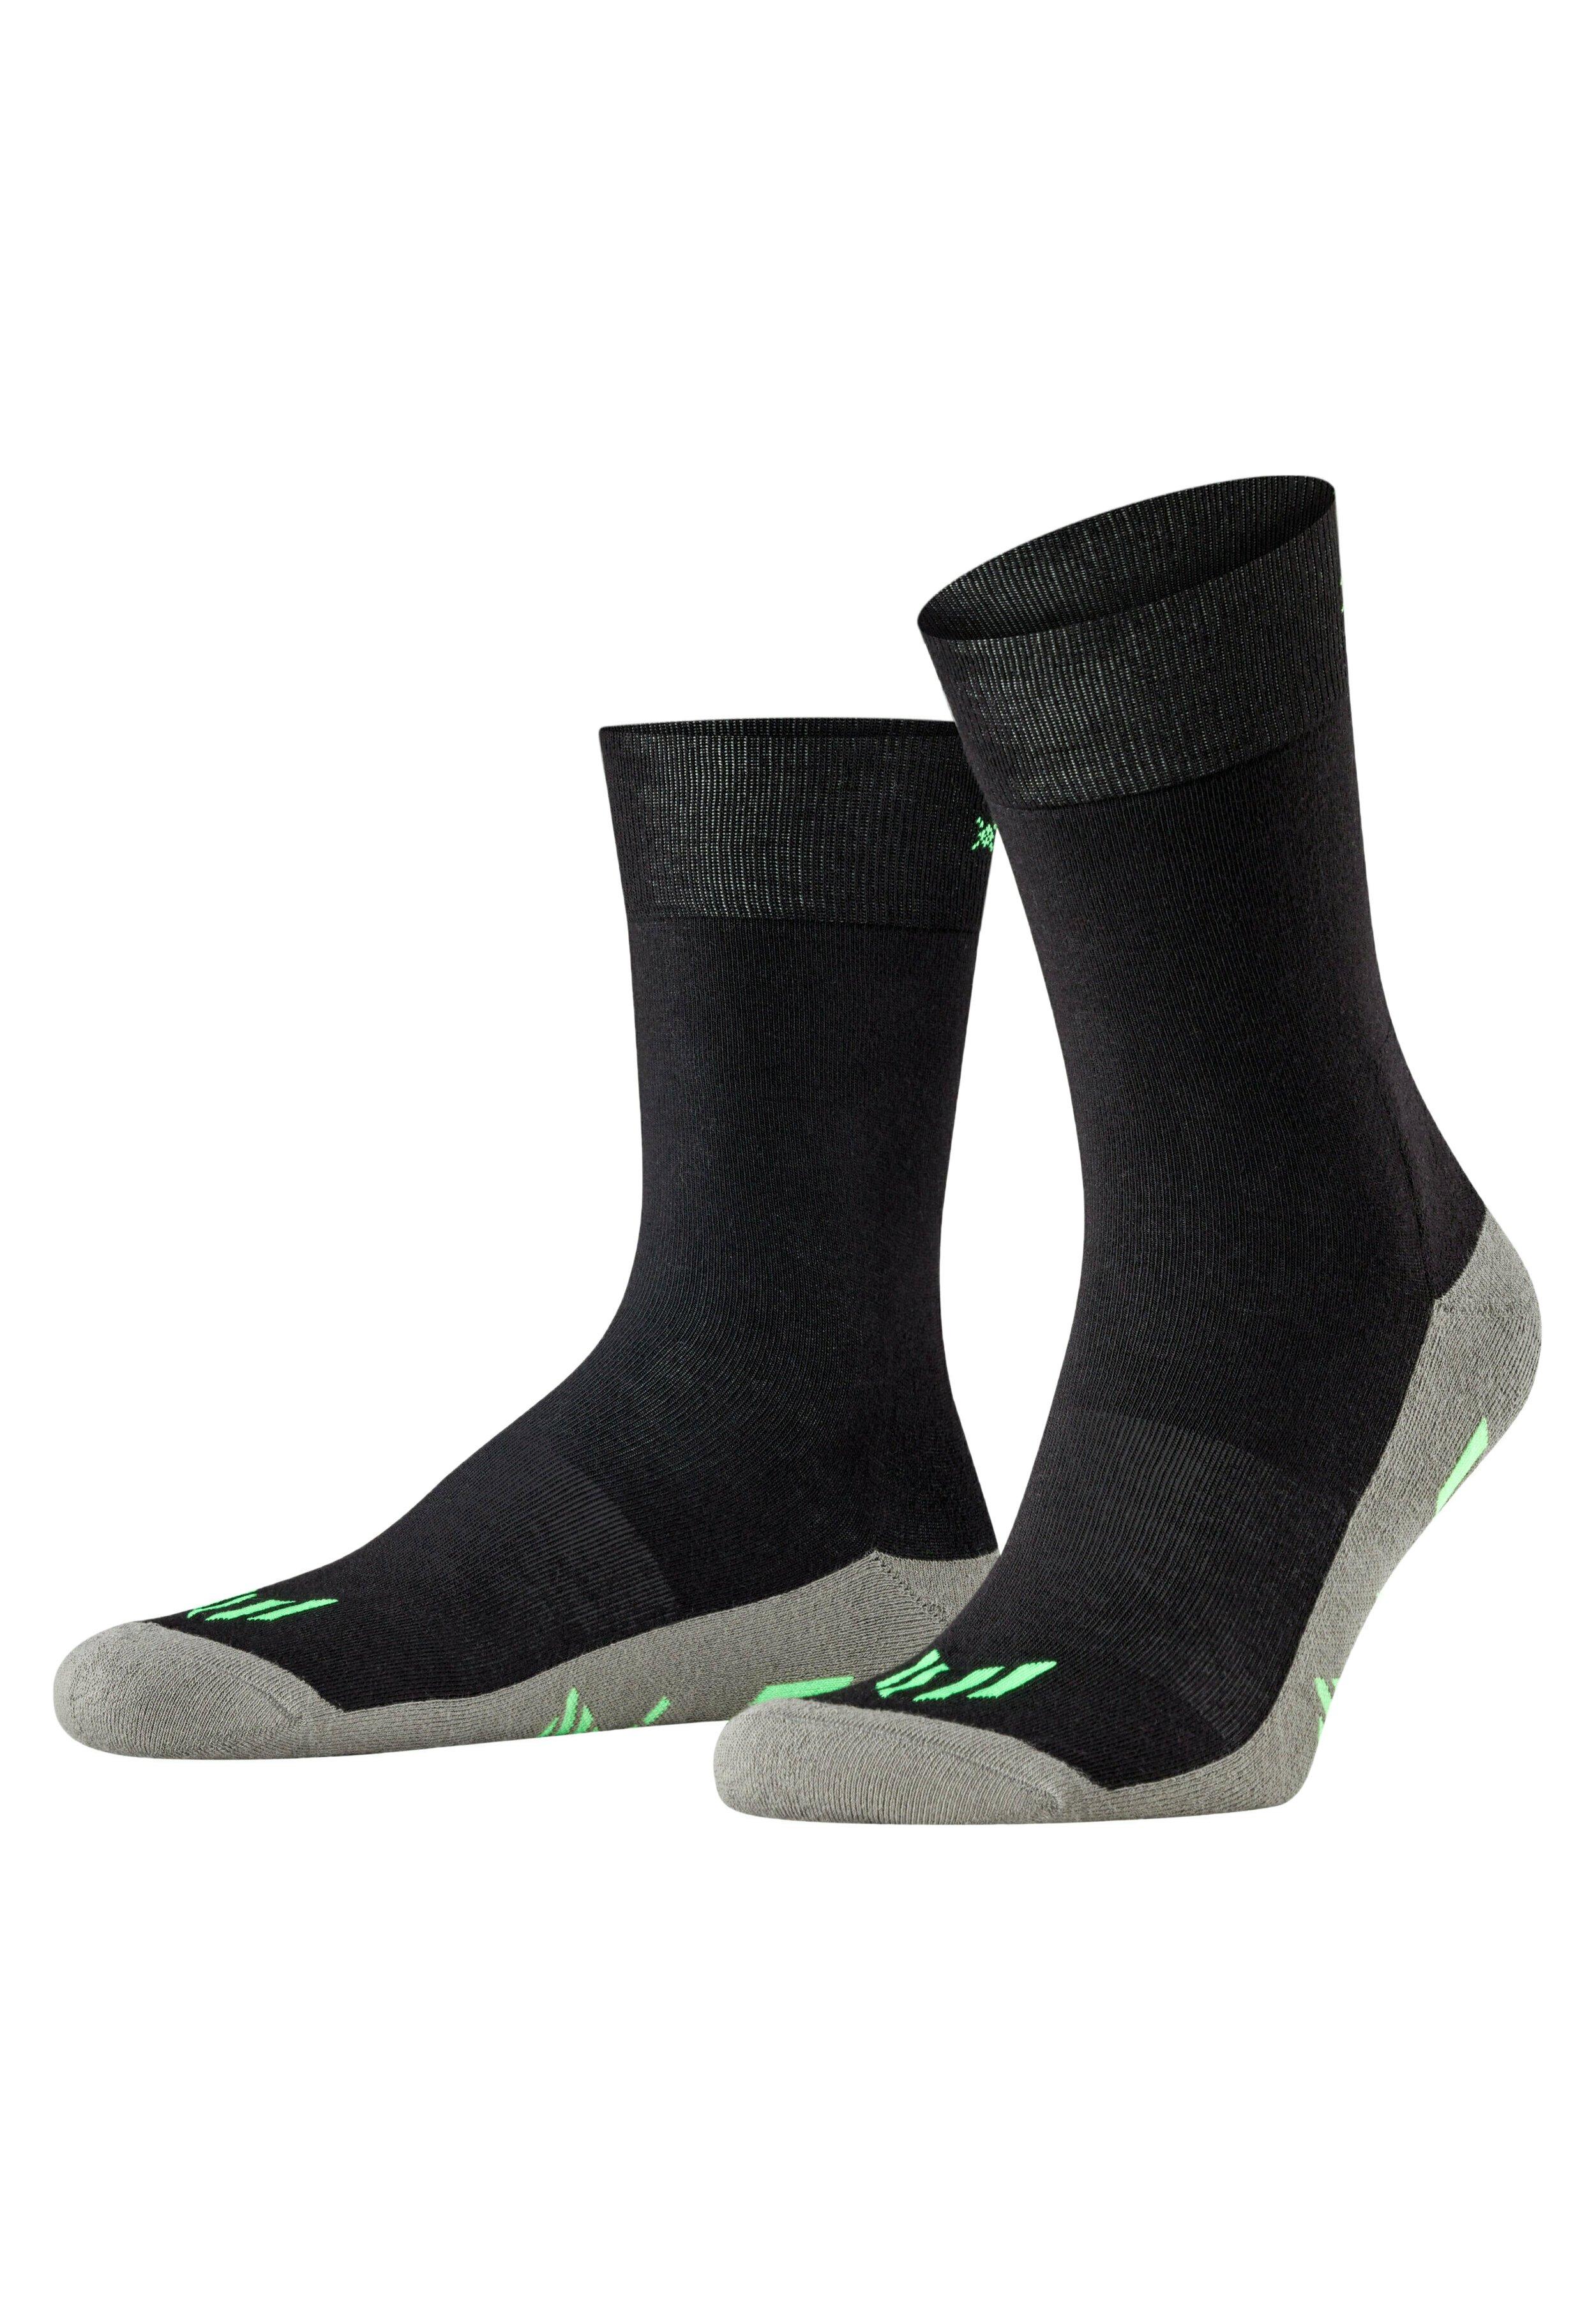 Femme RUNNING - Chaussettes de sport - black